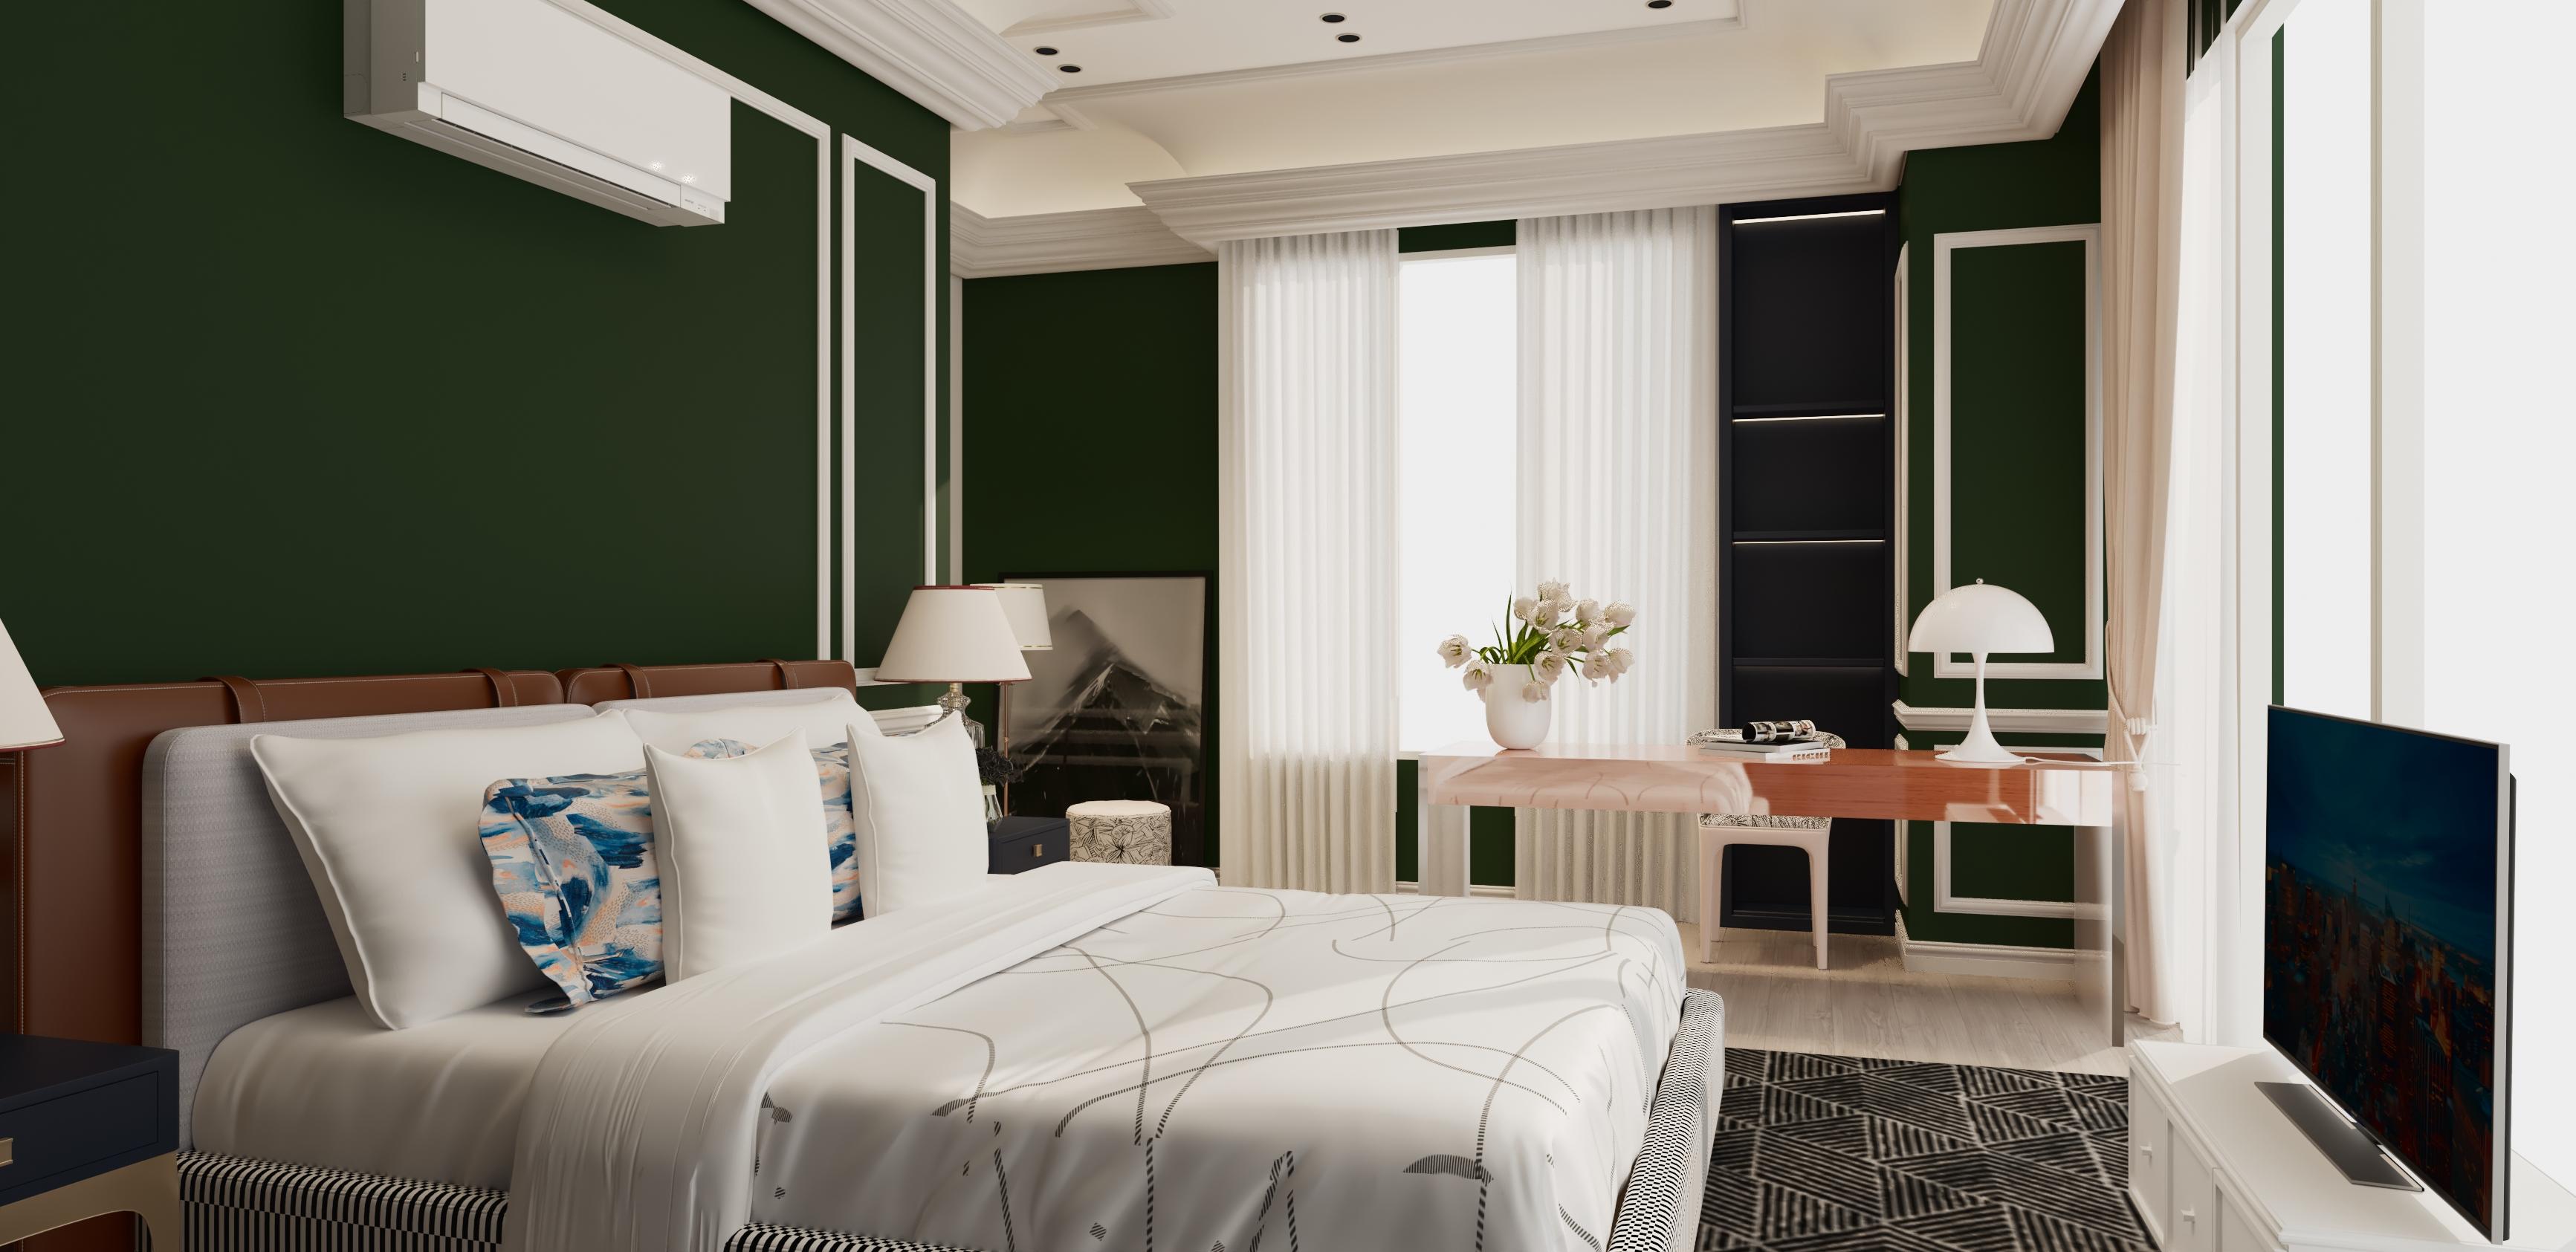 Thiết kế nội thất Chung Cư tại Hà Nội âm hưởng 1626063061 5